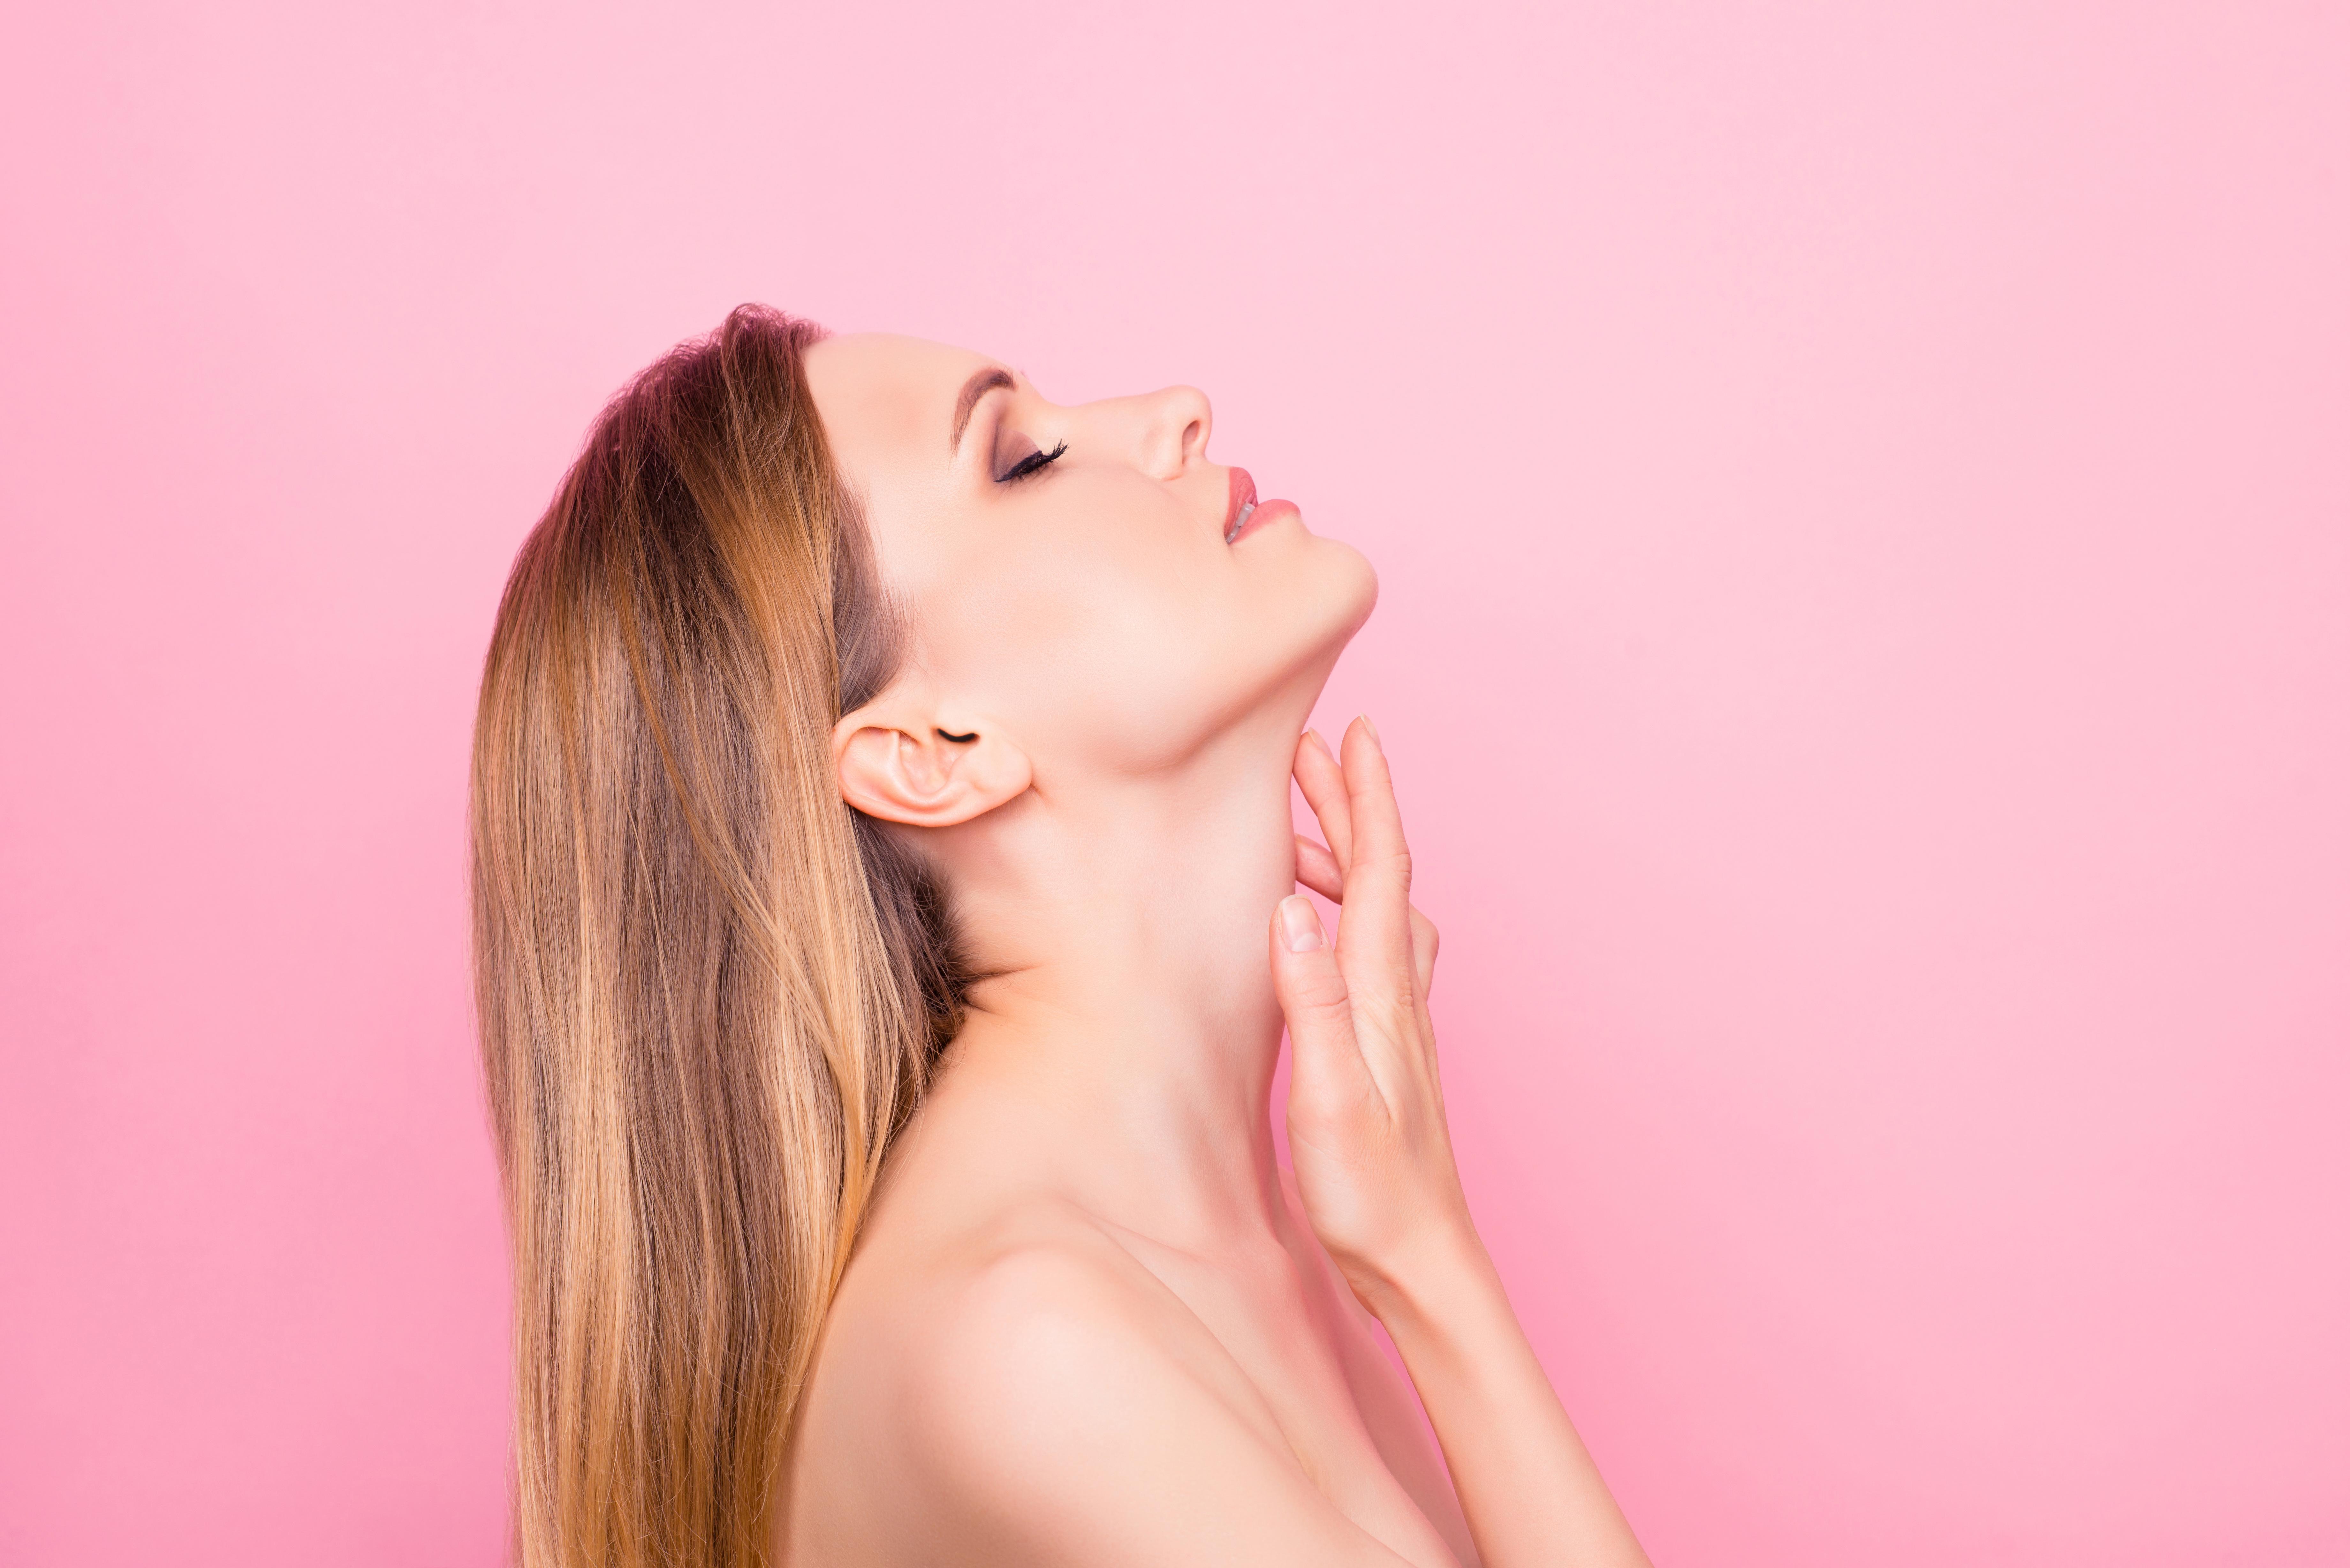 Що робити, якщо з'явилися зморшки на шиї: принципи профілактики і лікування